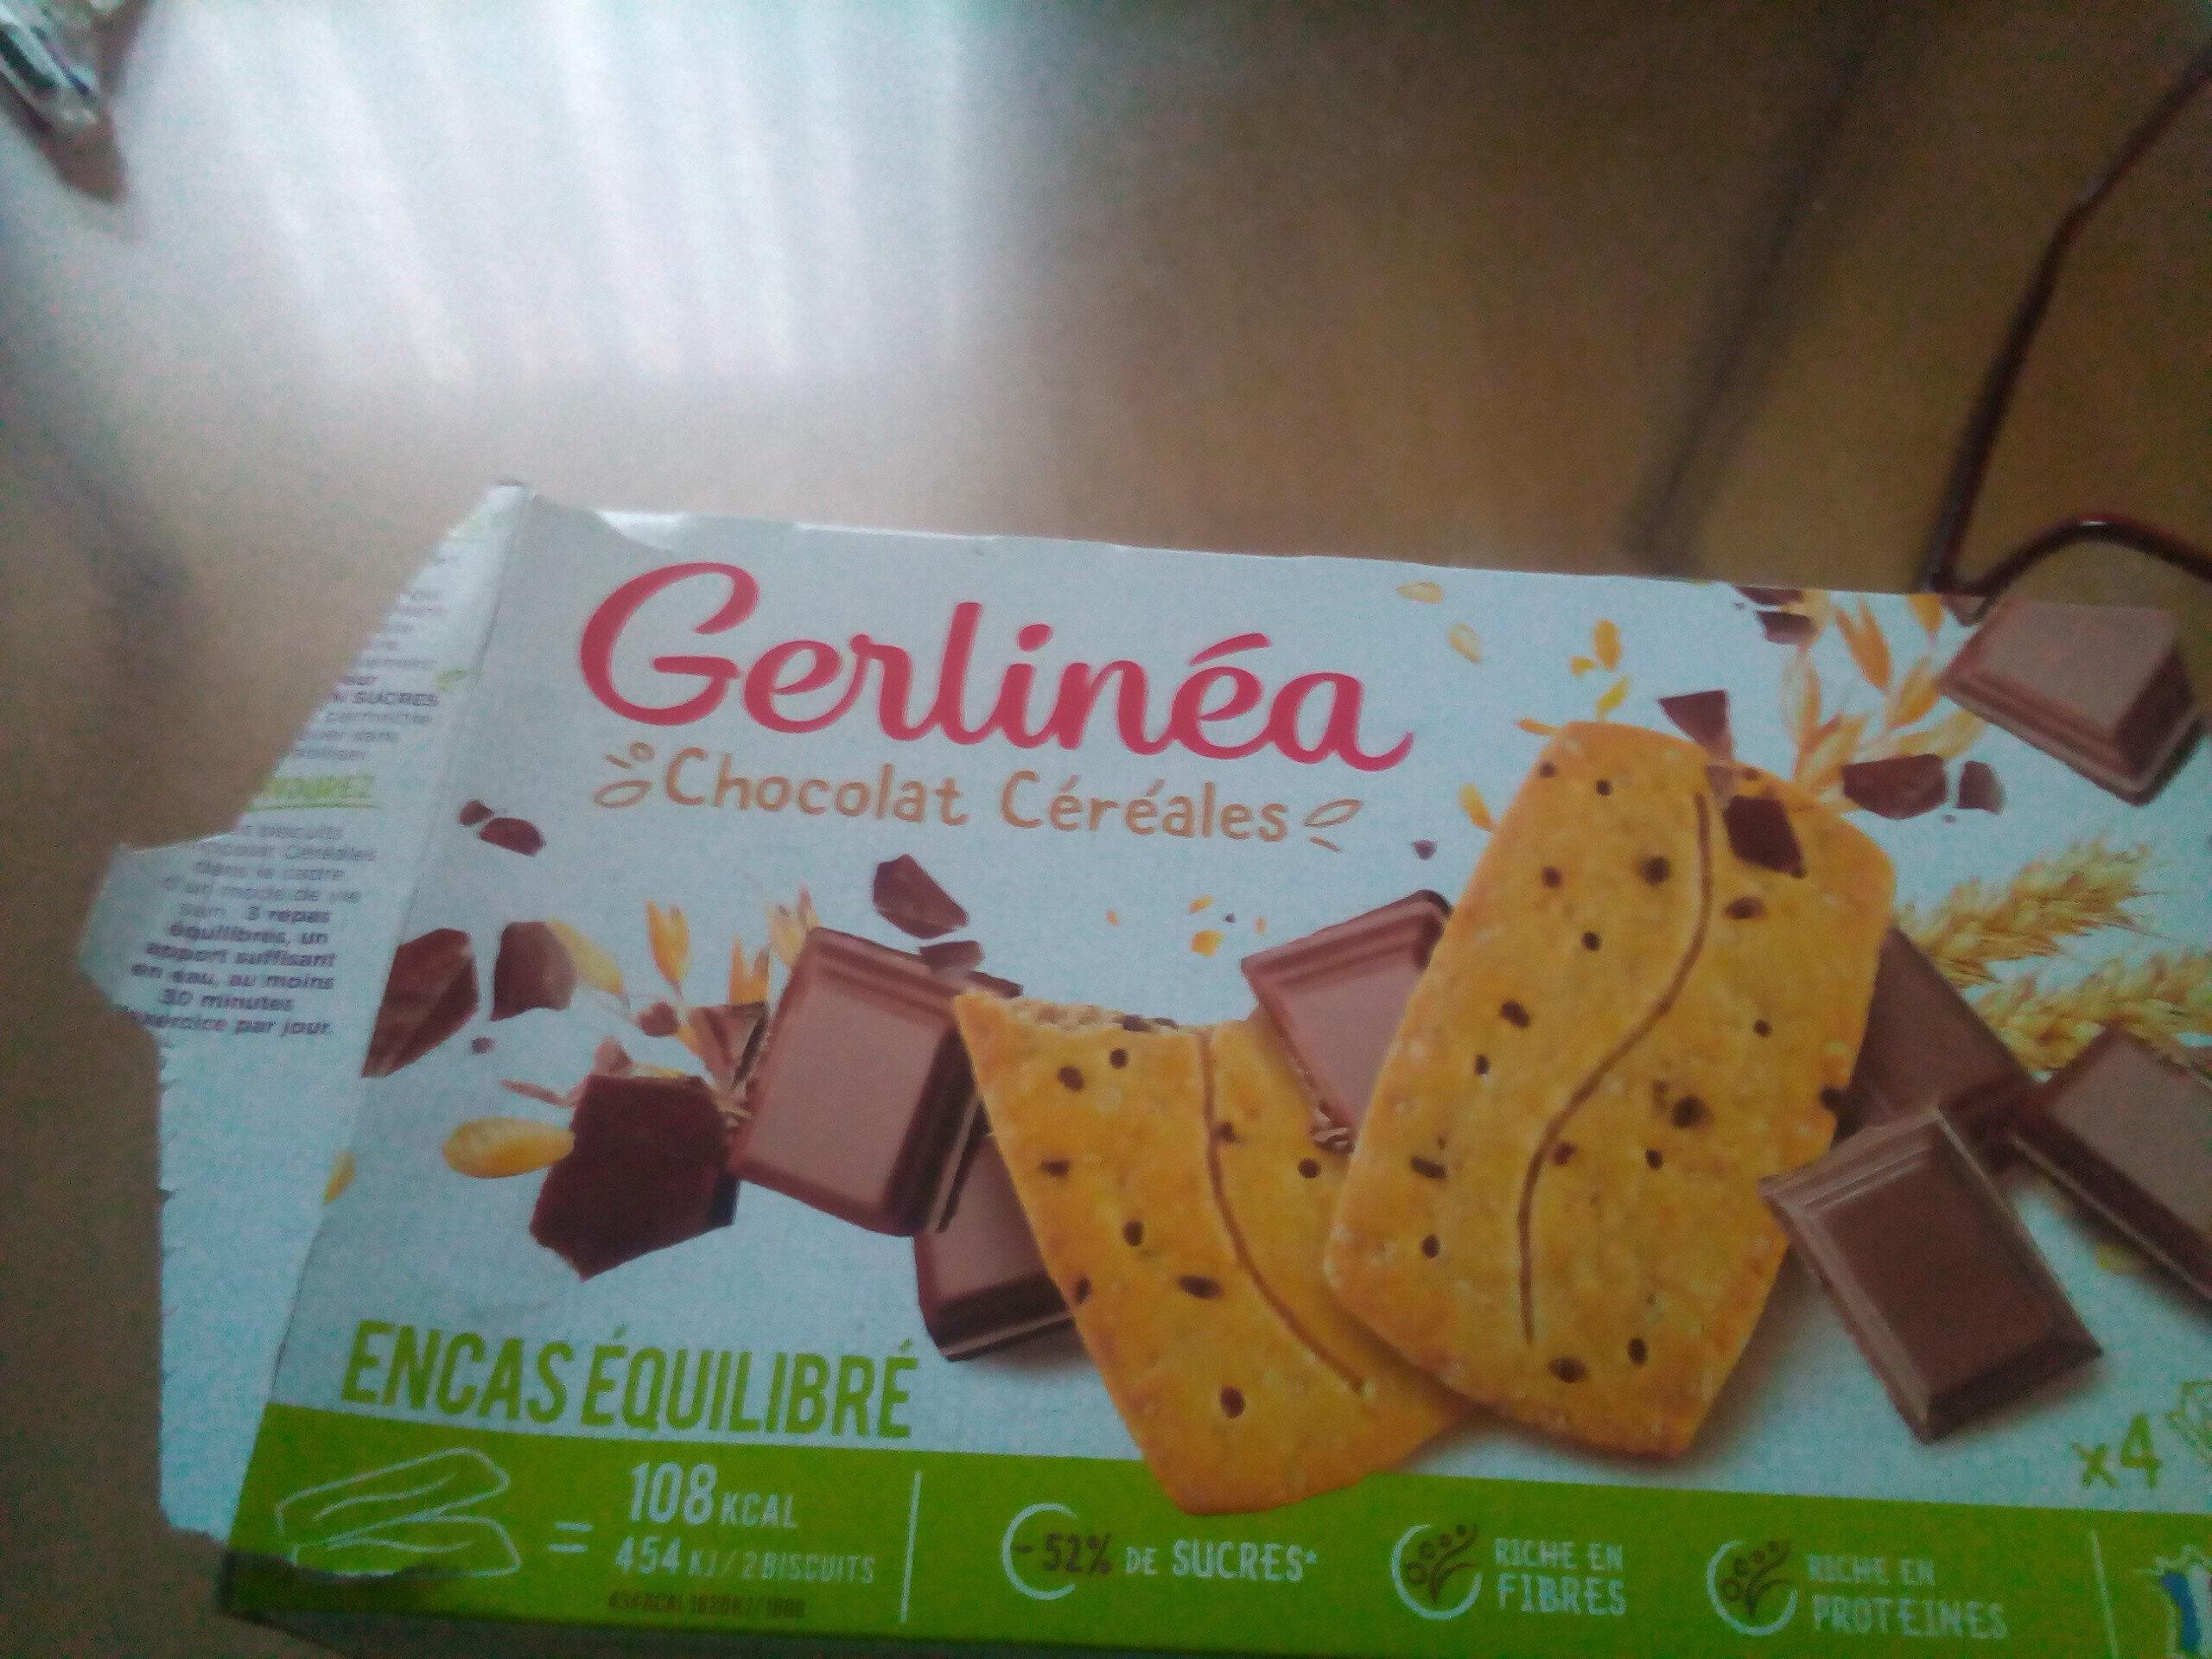 gerlinea chocolat céréales - Product - fr